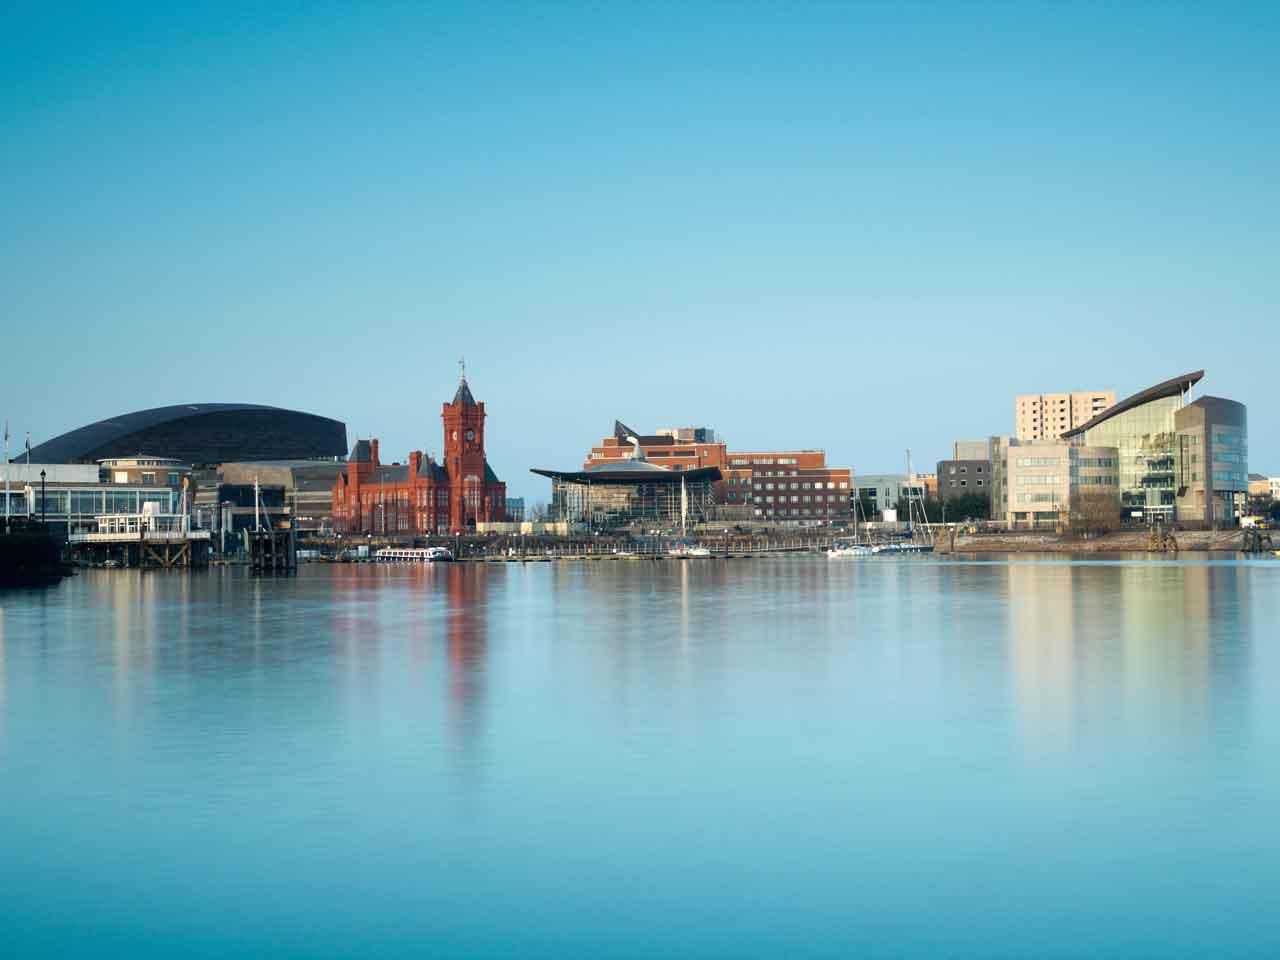 Cardiff  Wikipedia